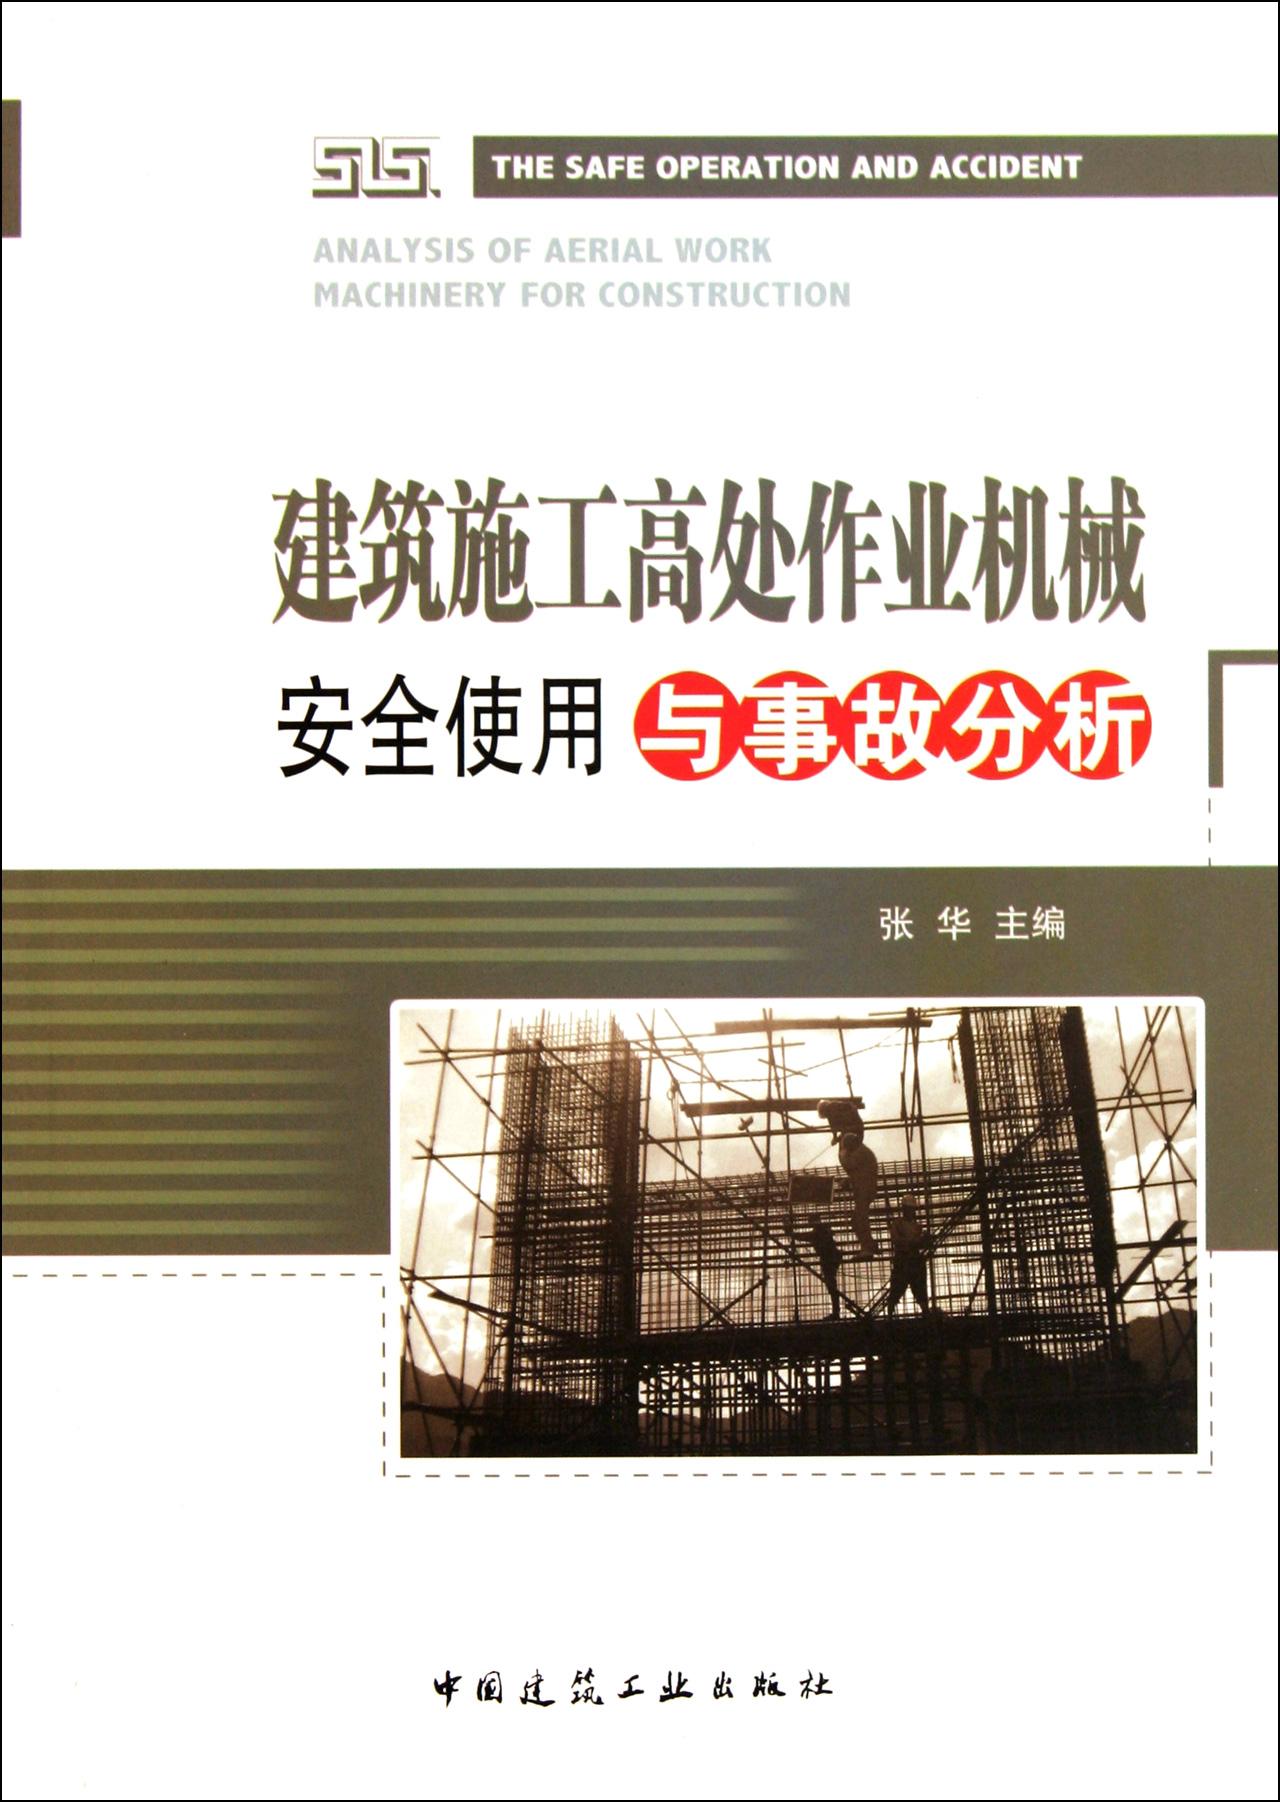 建筑施工高处作业机械安全使用与事故分析